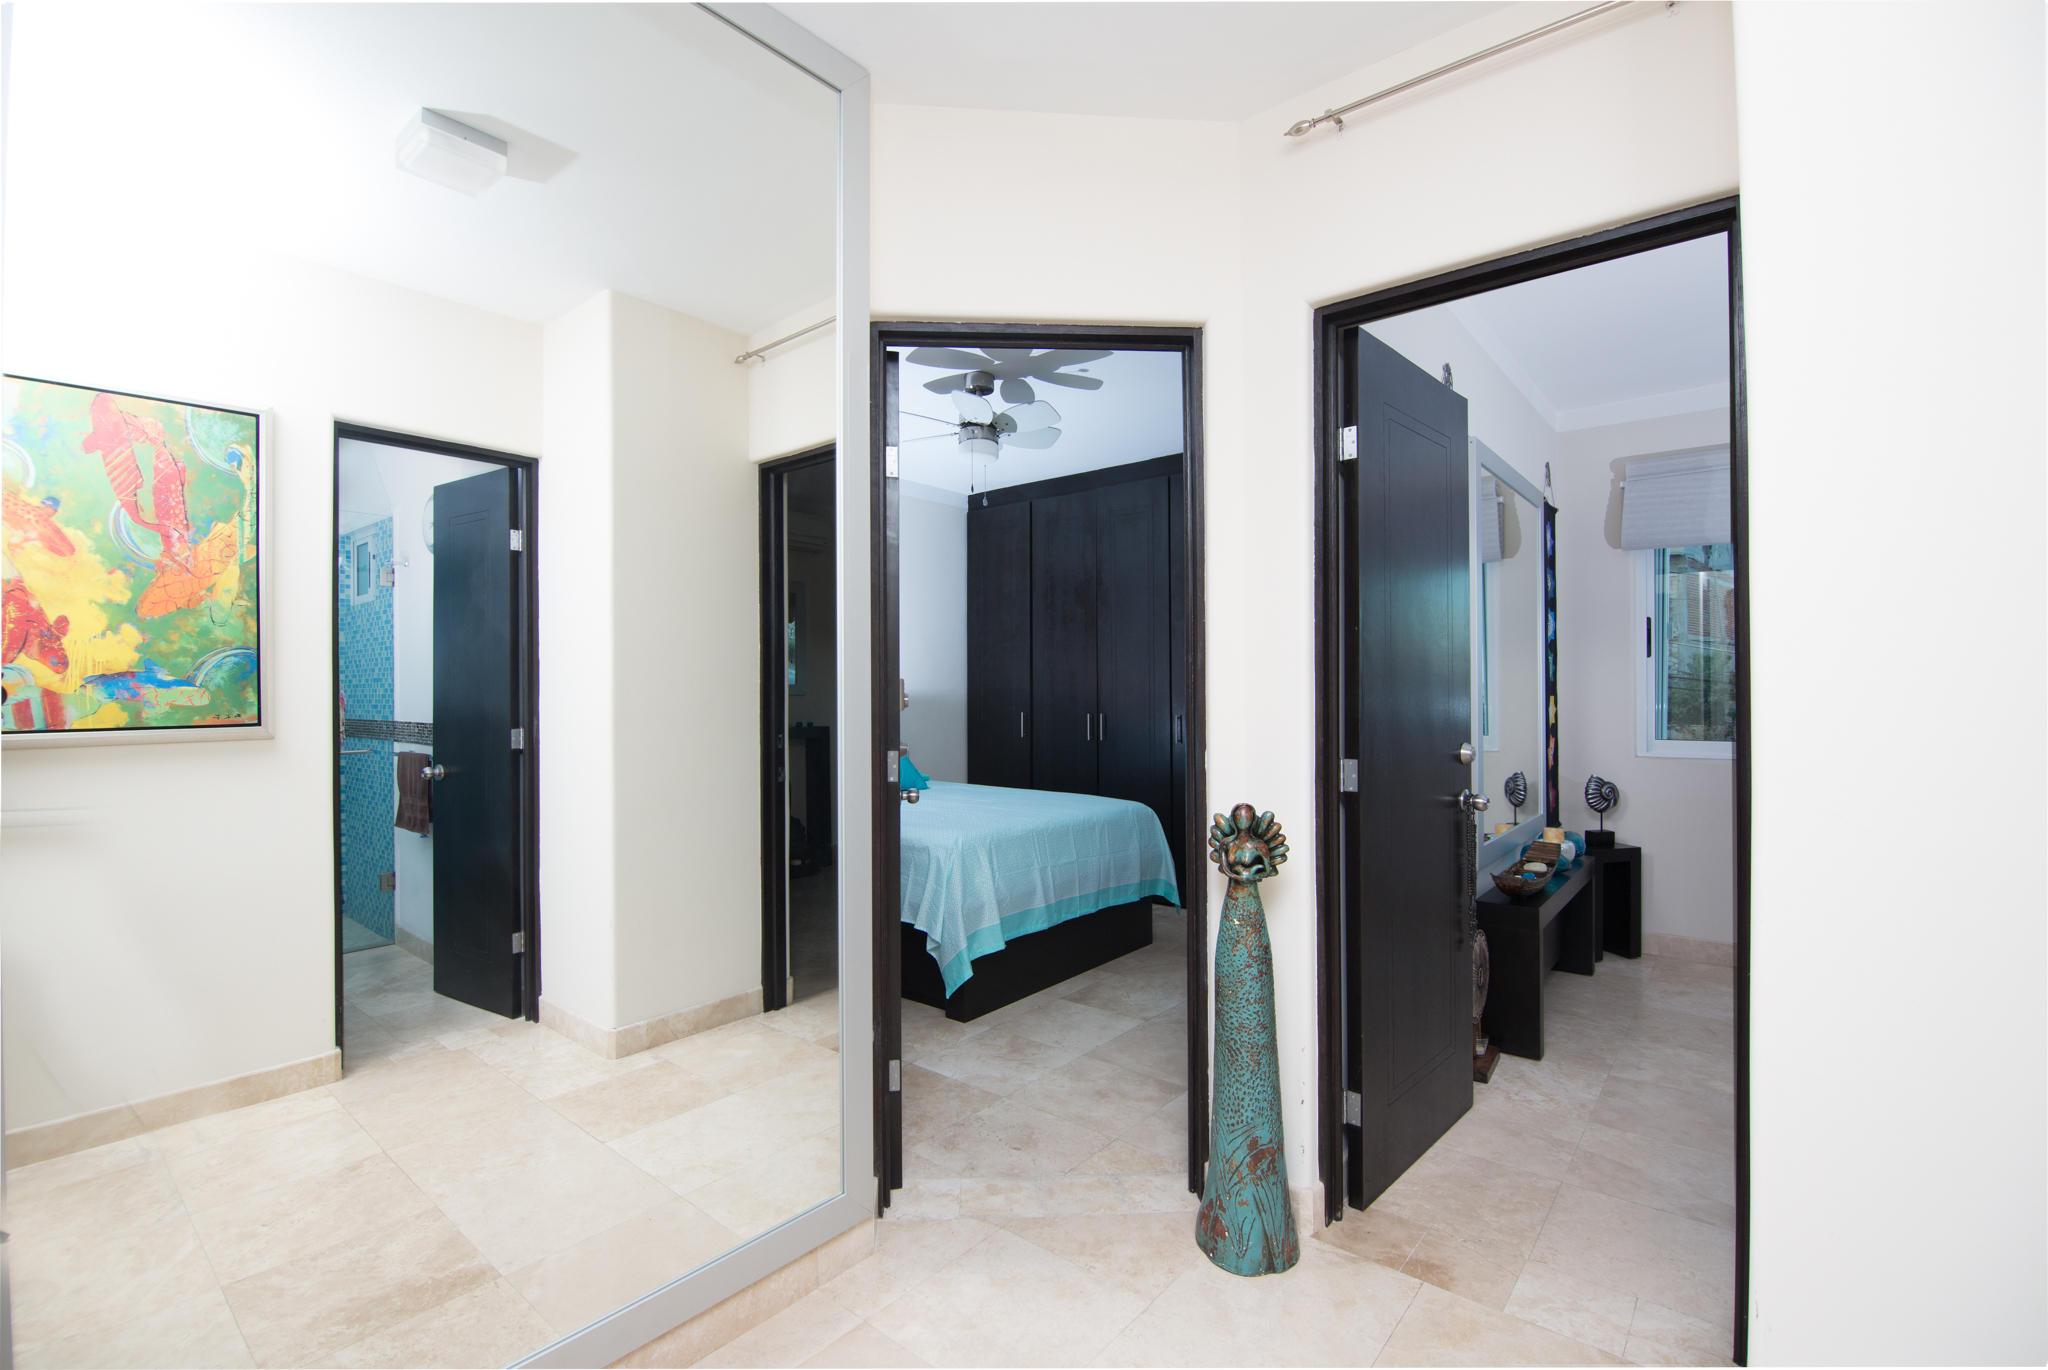 San Jose del Cabo, 2 Bedrooms Bedrooms, ,2 BathroomsBathrooms,Condo,For Sale,402 B Vista del Estero,19-2775